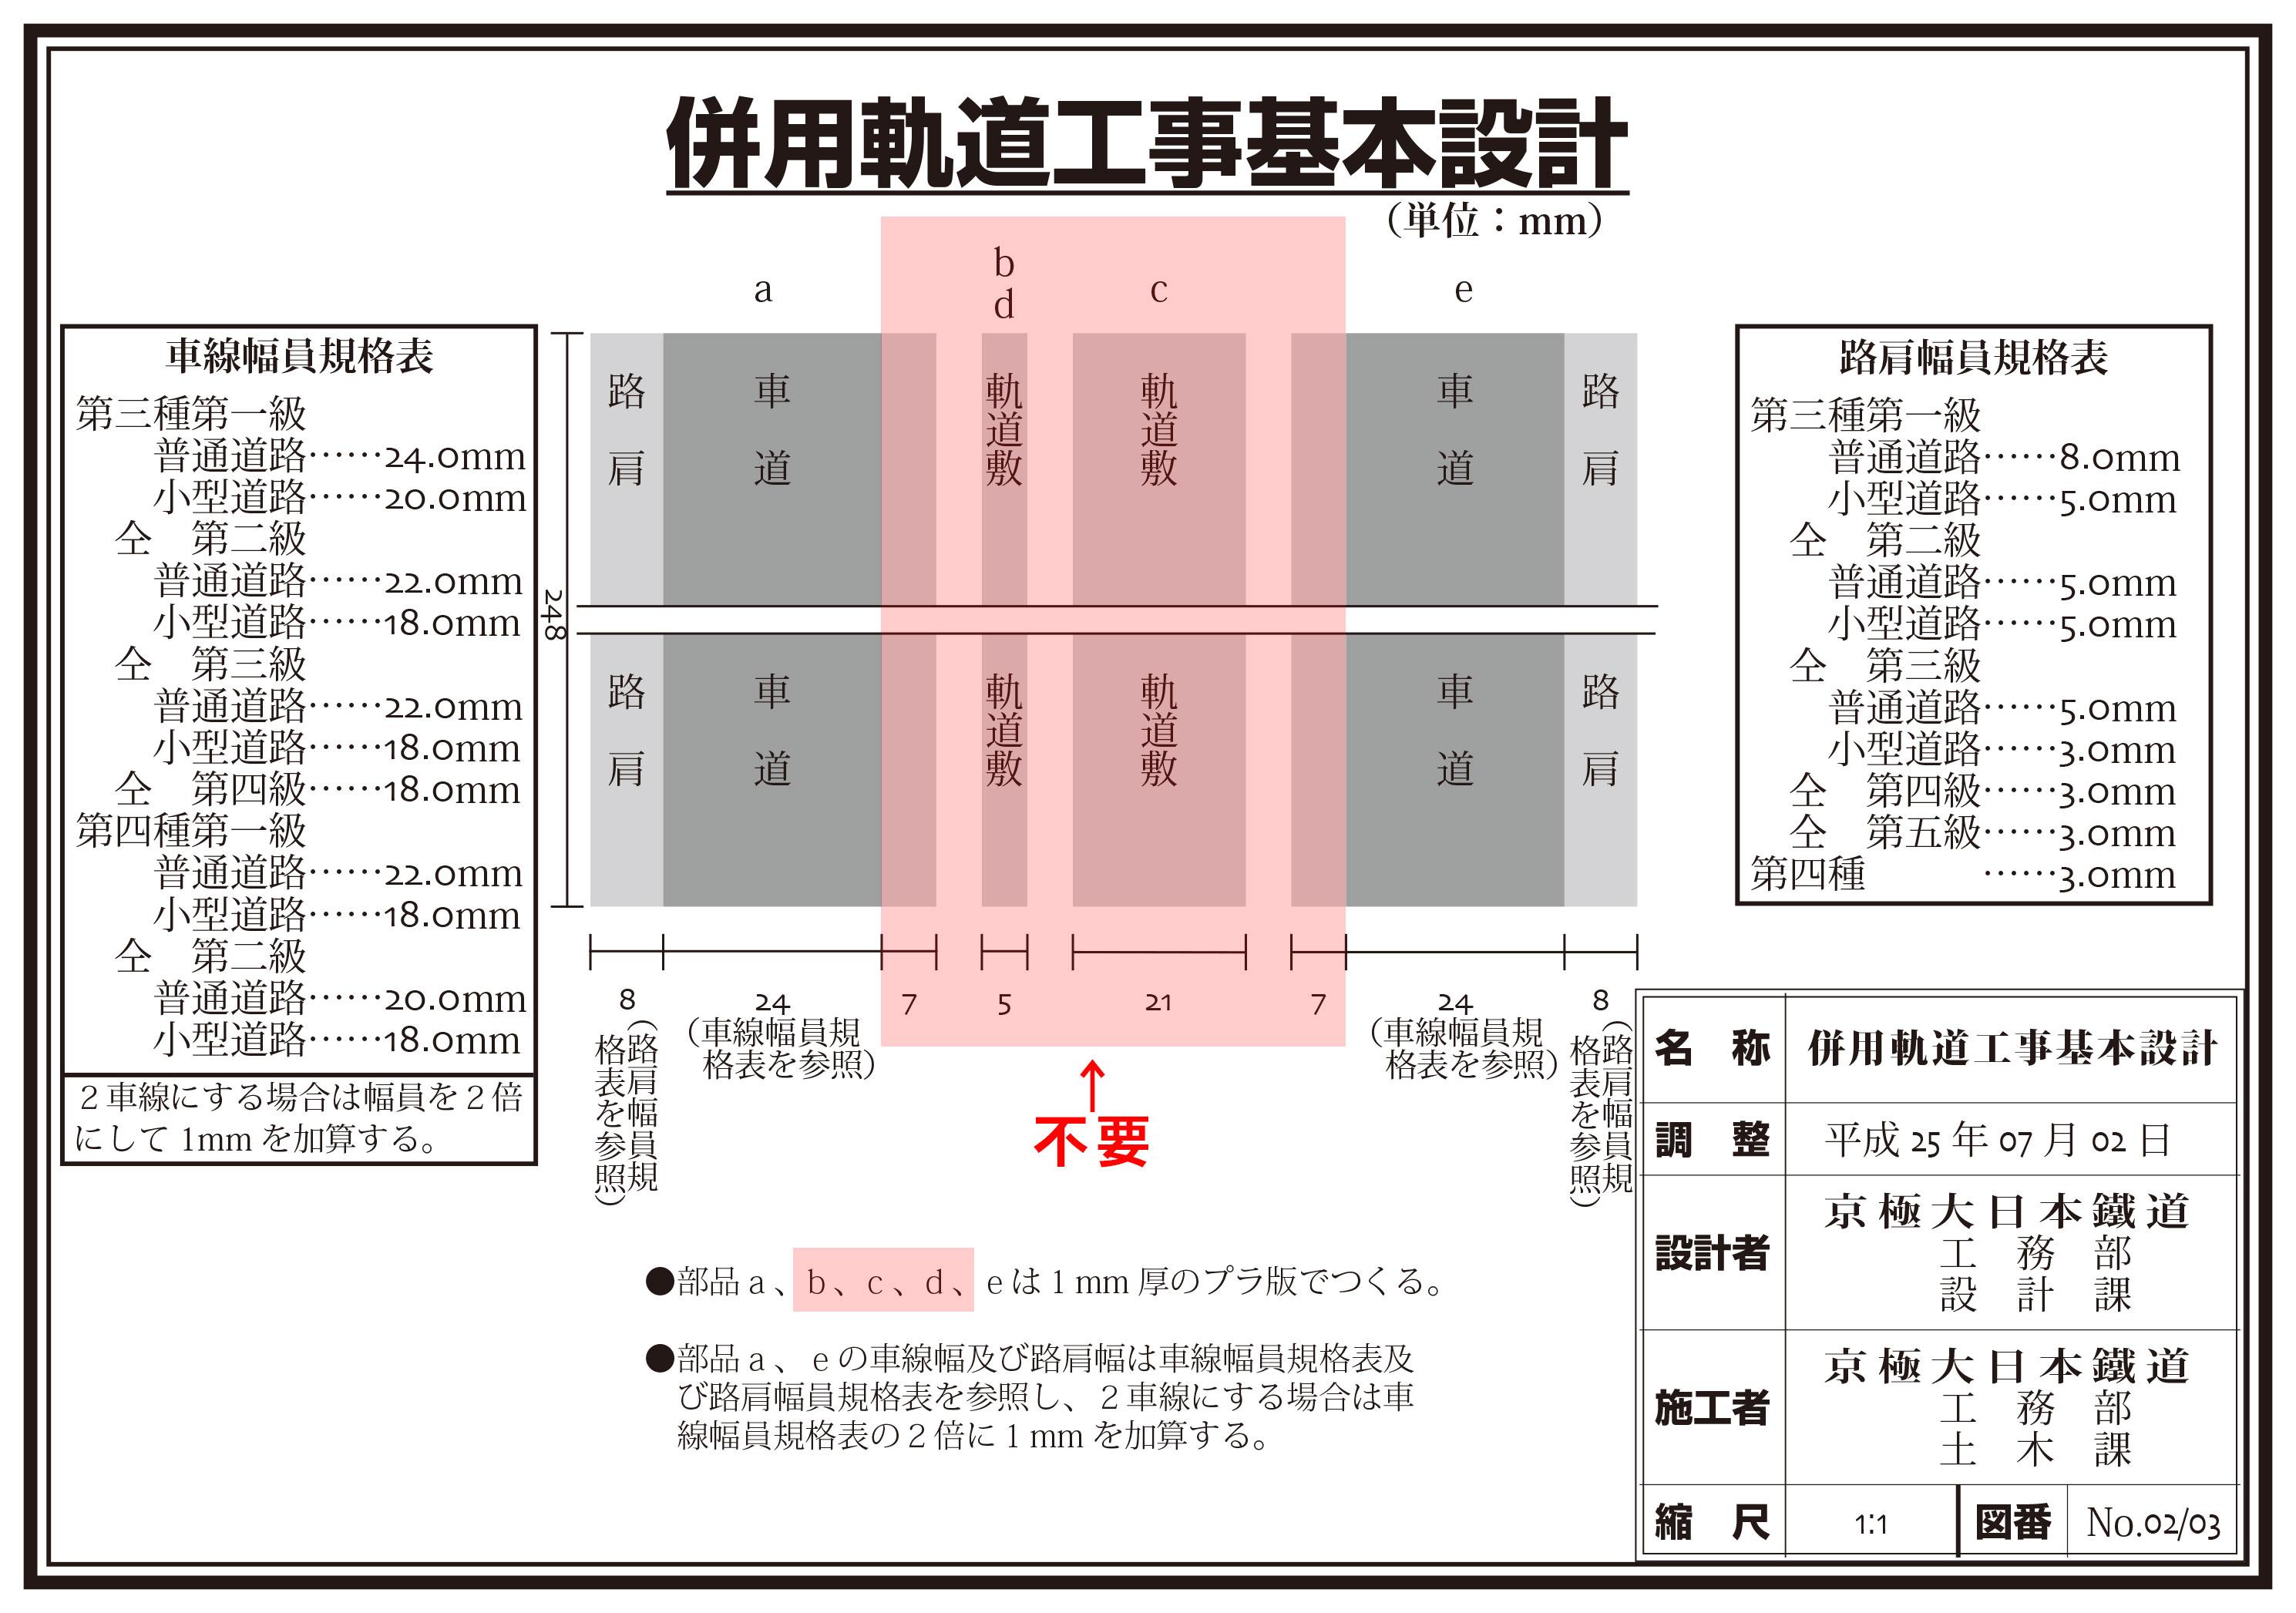 併用軌道工事基本設計(朱修正)